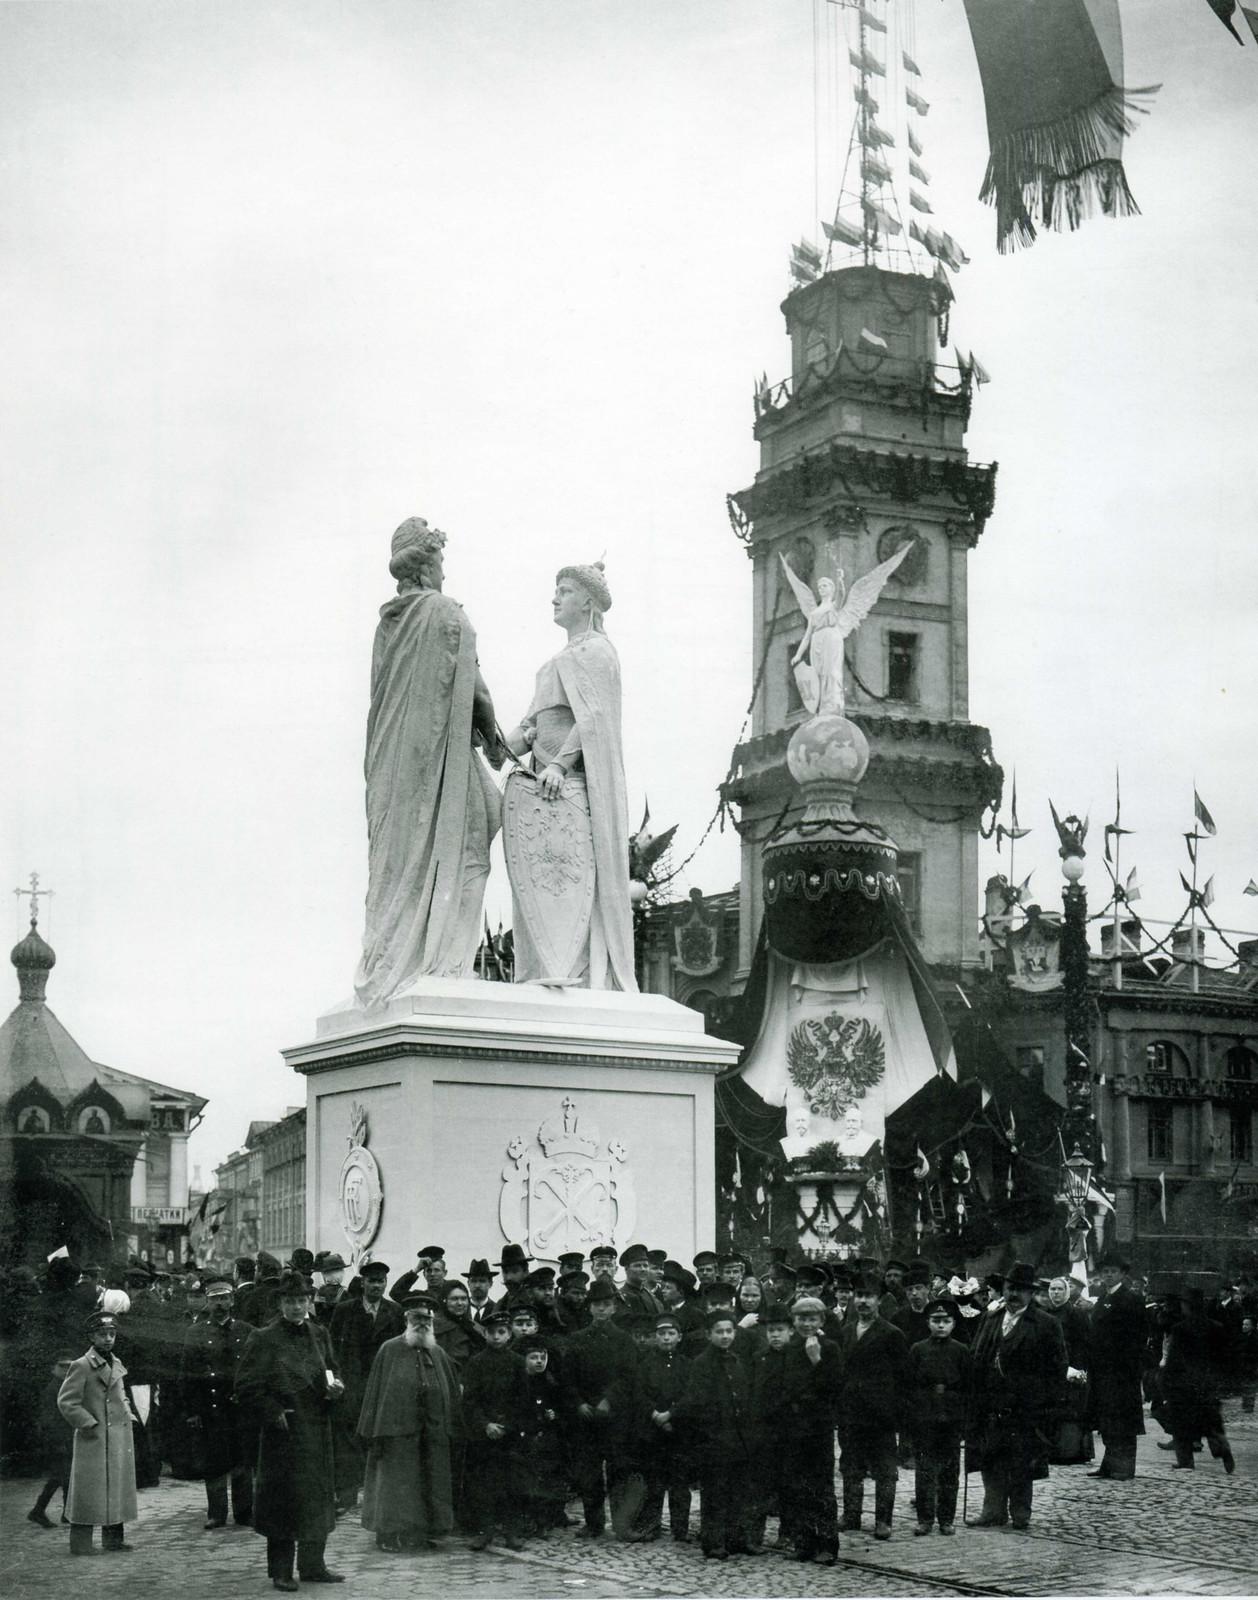 Временное скульптурное сооружение, олицетворяющее дружбу России и Франции, установленное на пересечении Невского проспекта и Михайловской улицы.1902